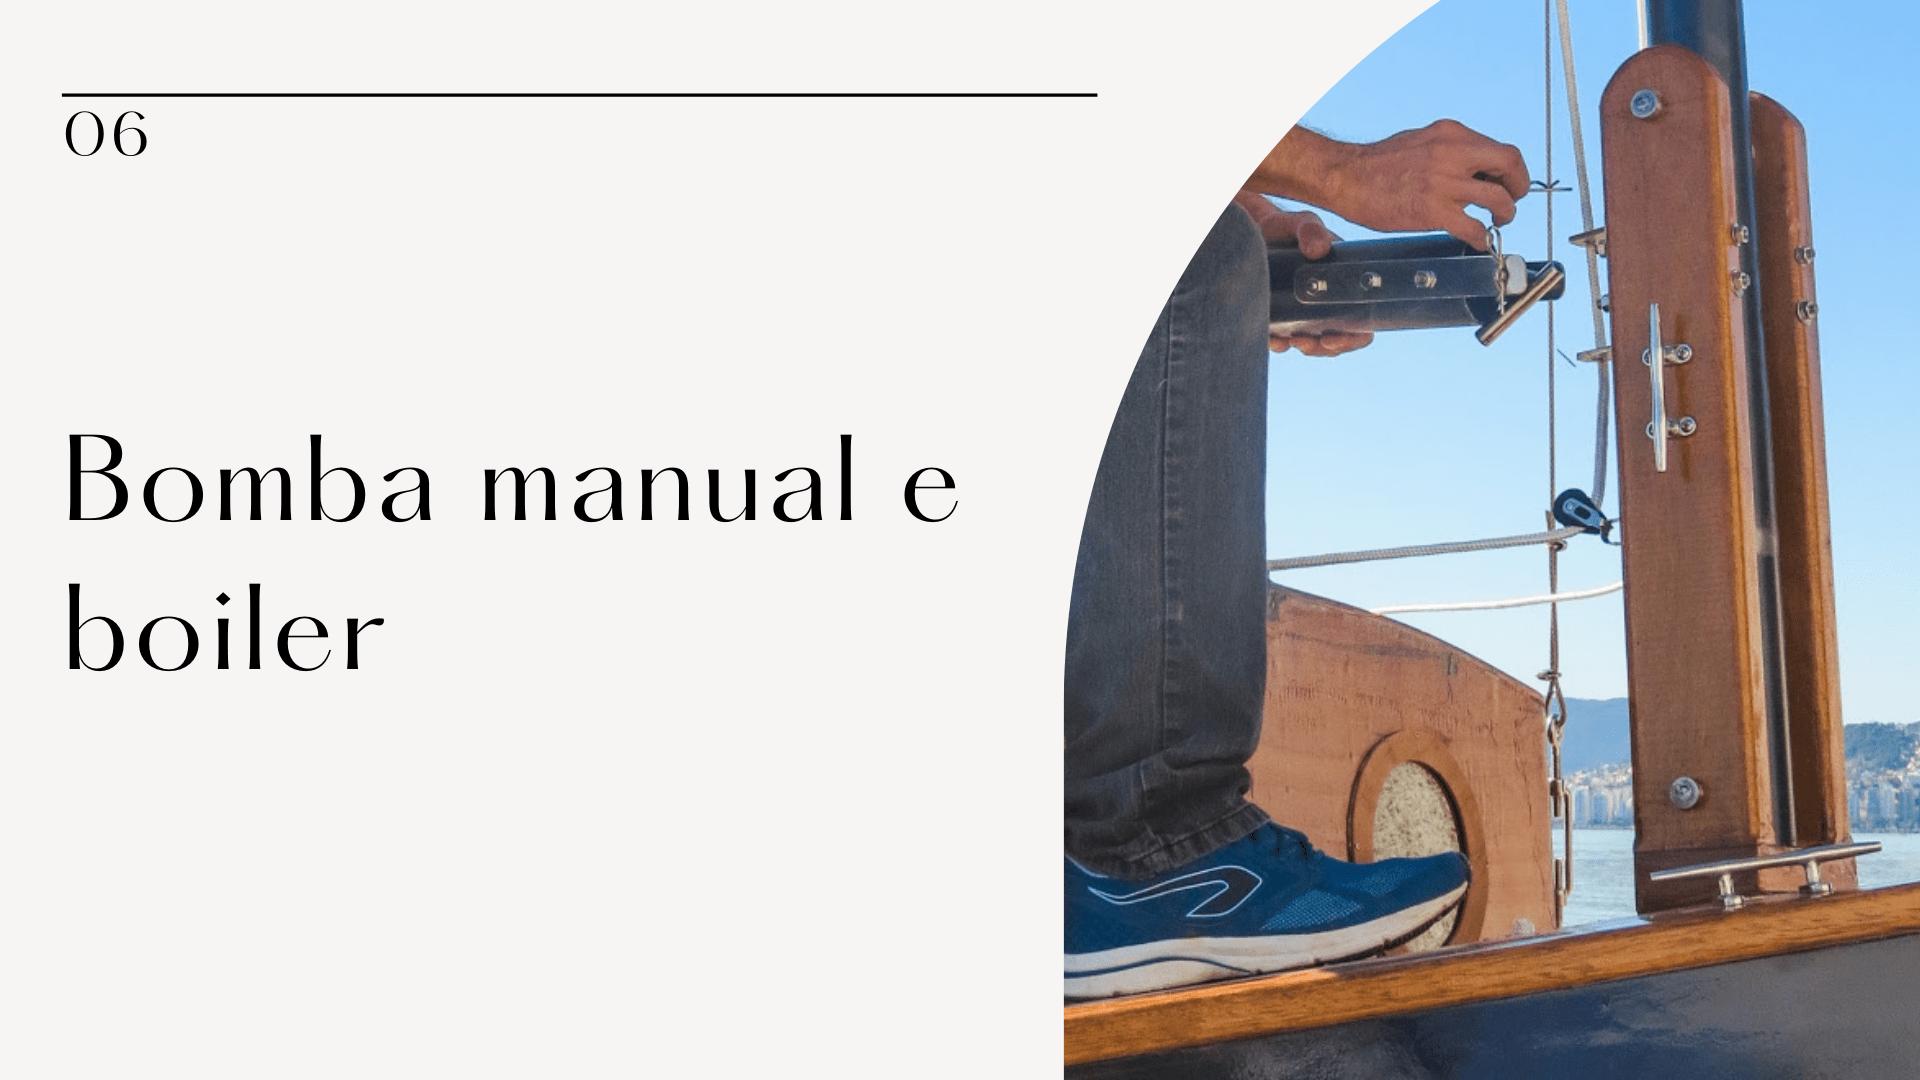 Aula 06 – Bomba manual e boiler